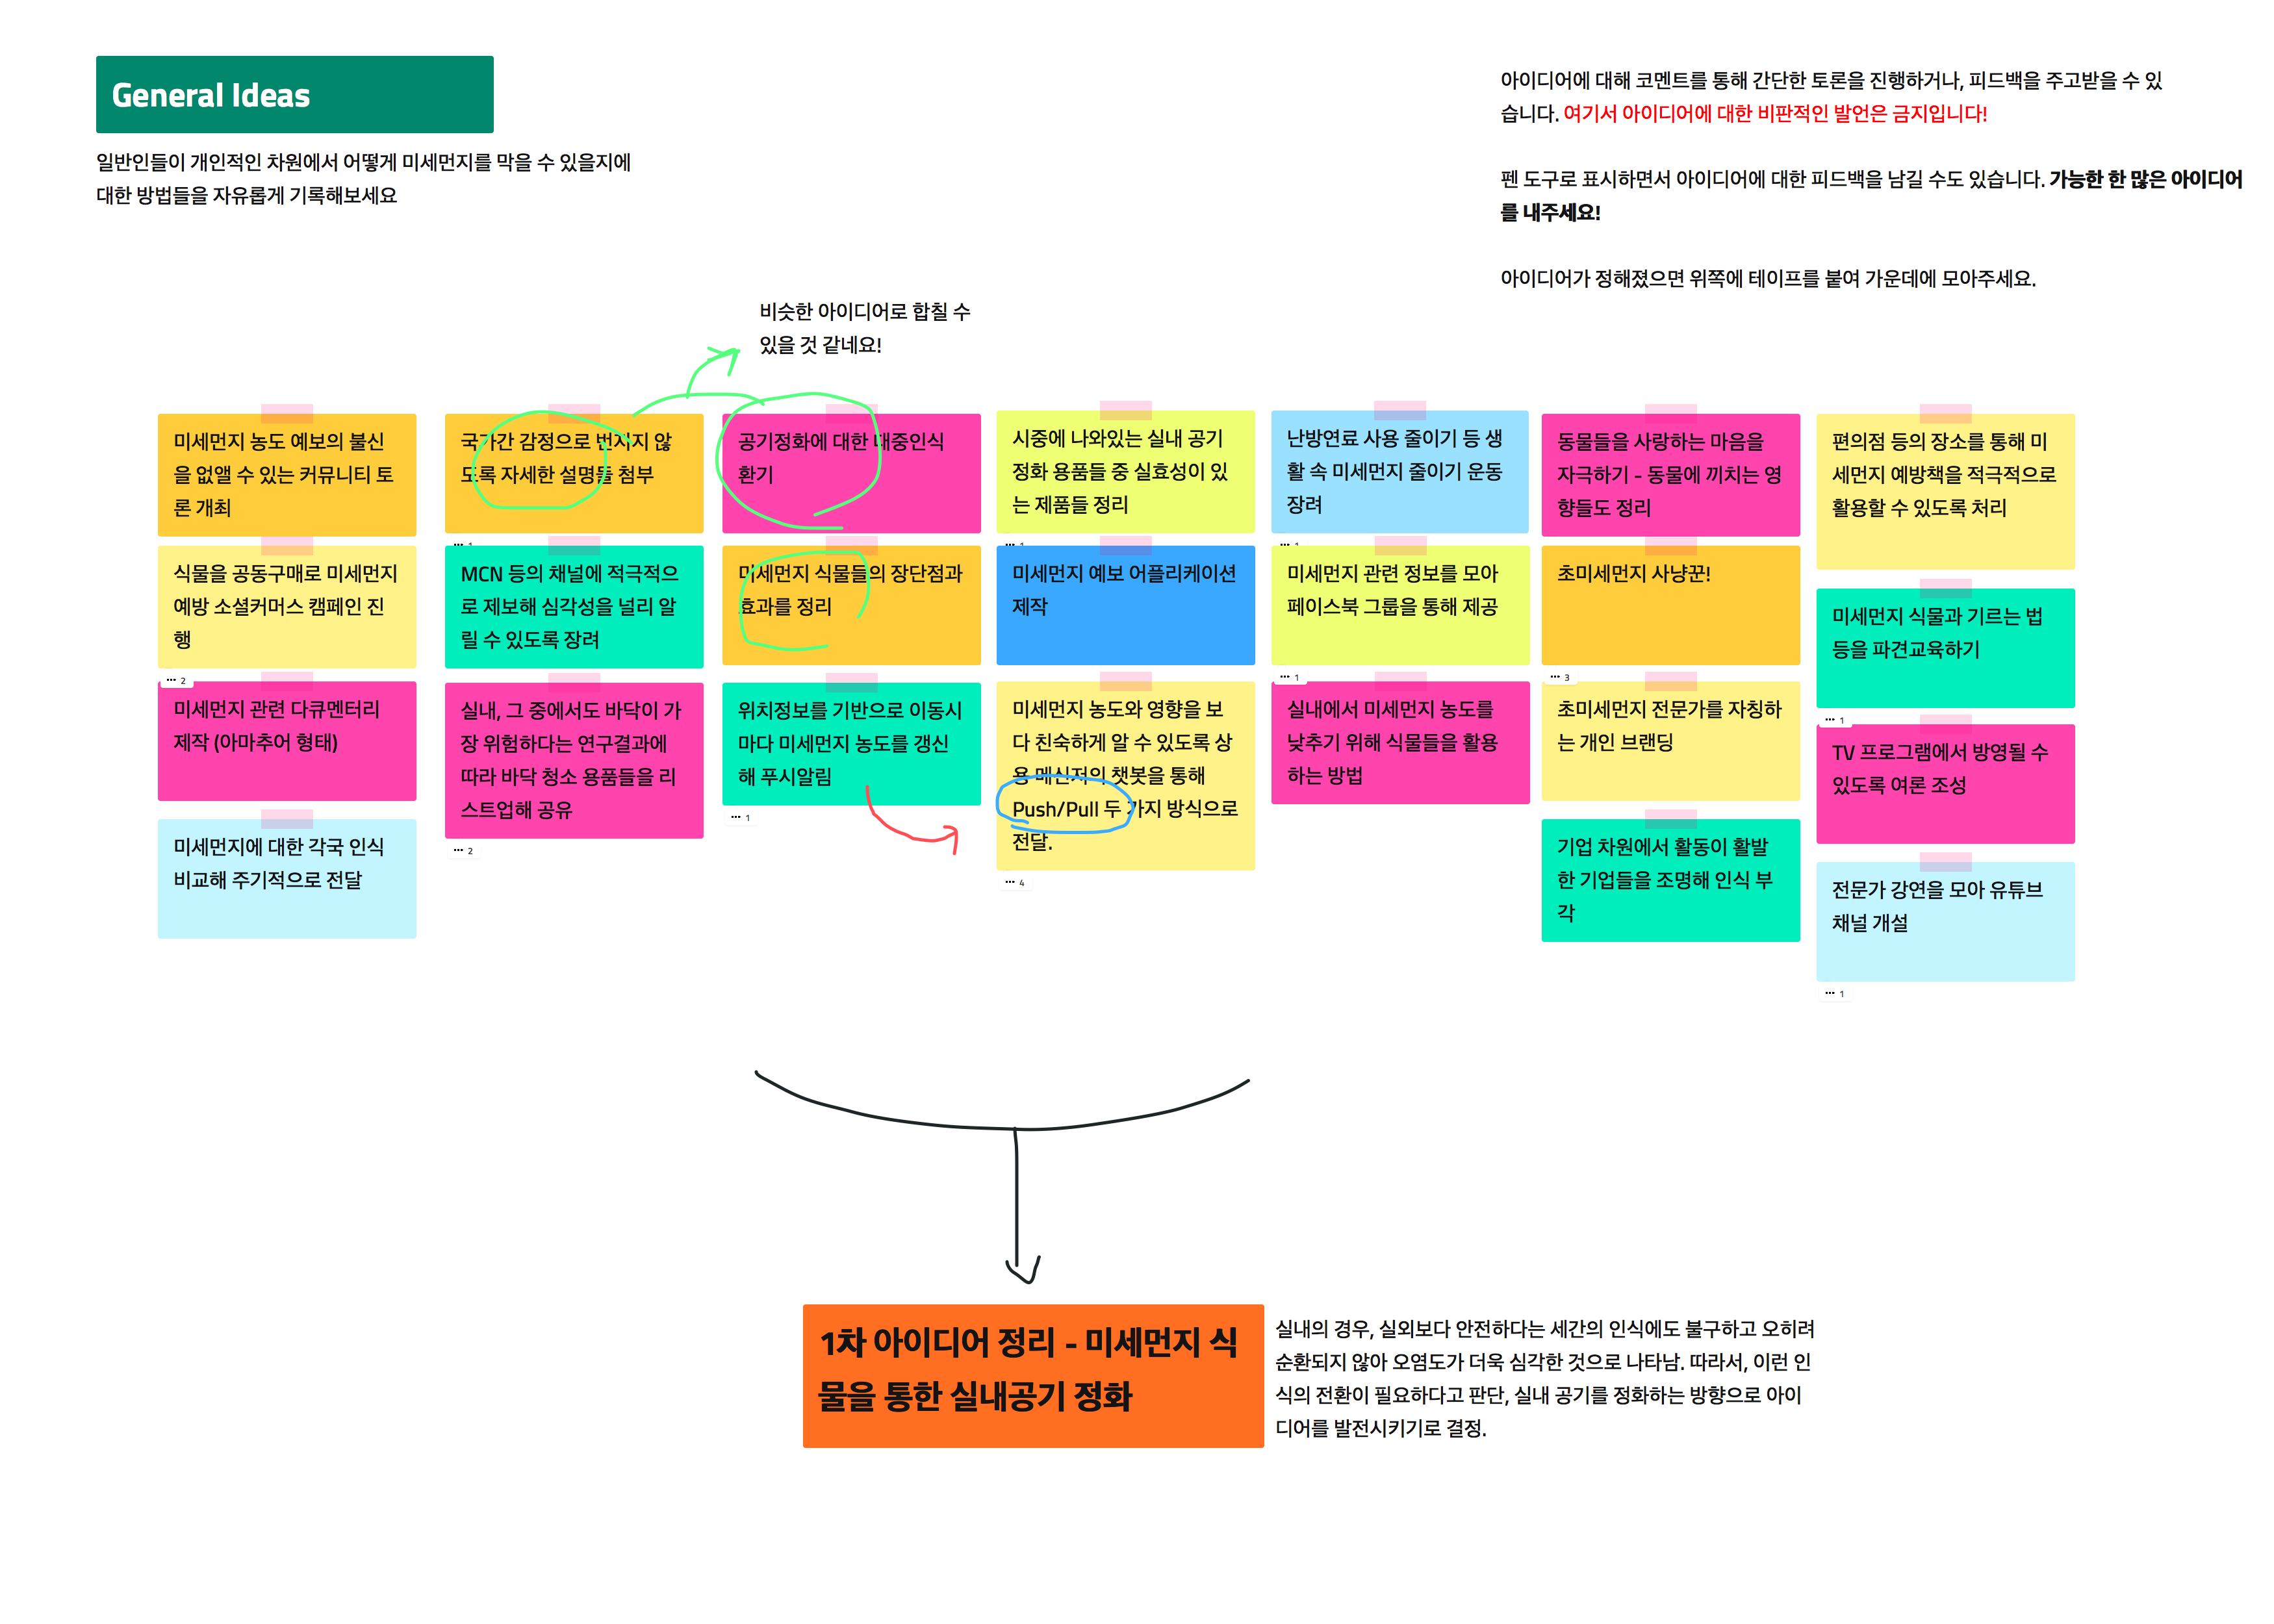 비캔버스 스크린샷 모음 / Demo / UseCase / 사례 / 예제(이미지 포함) 사례